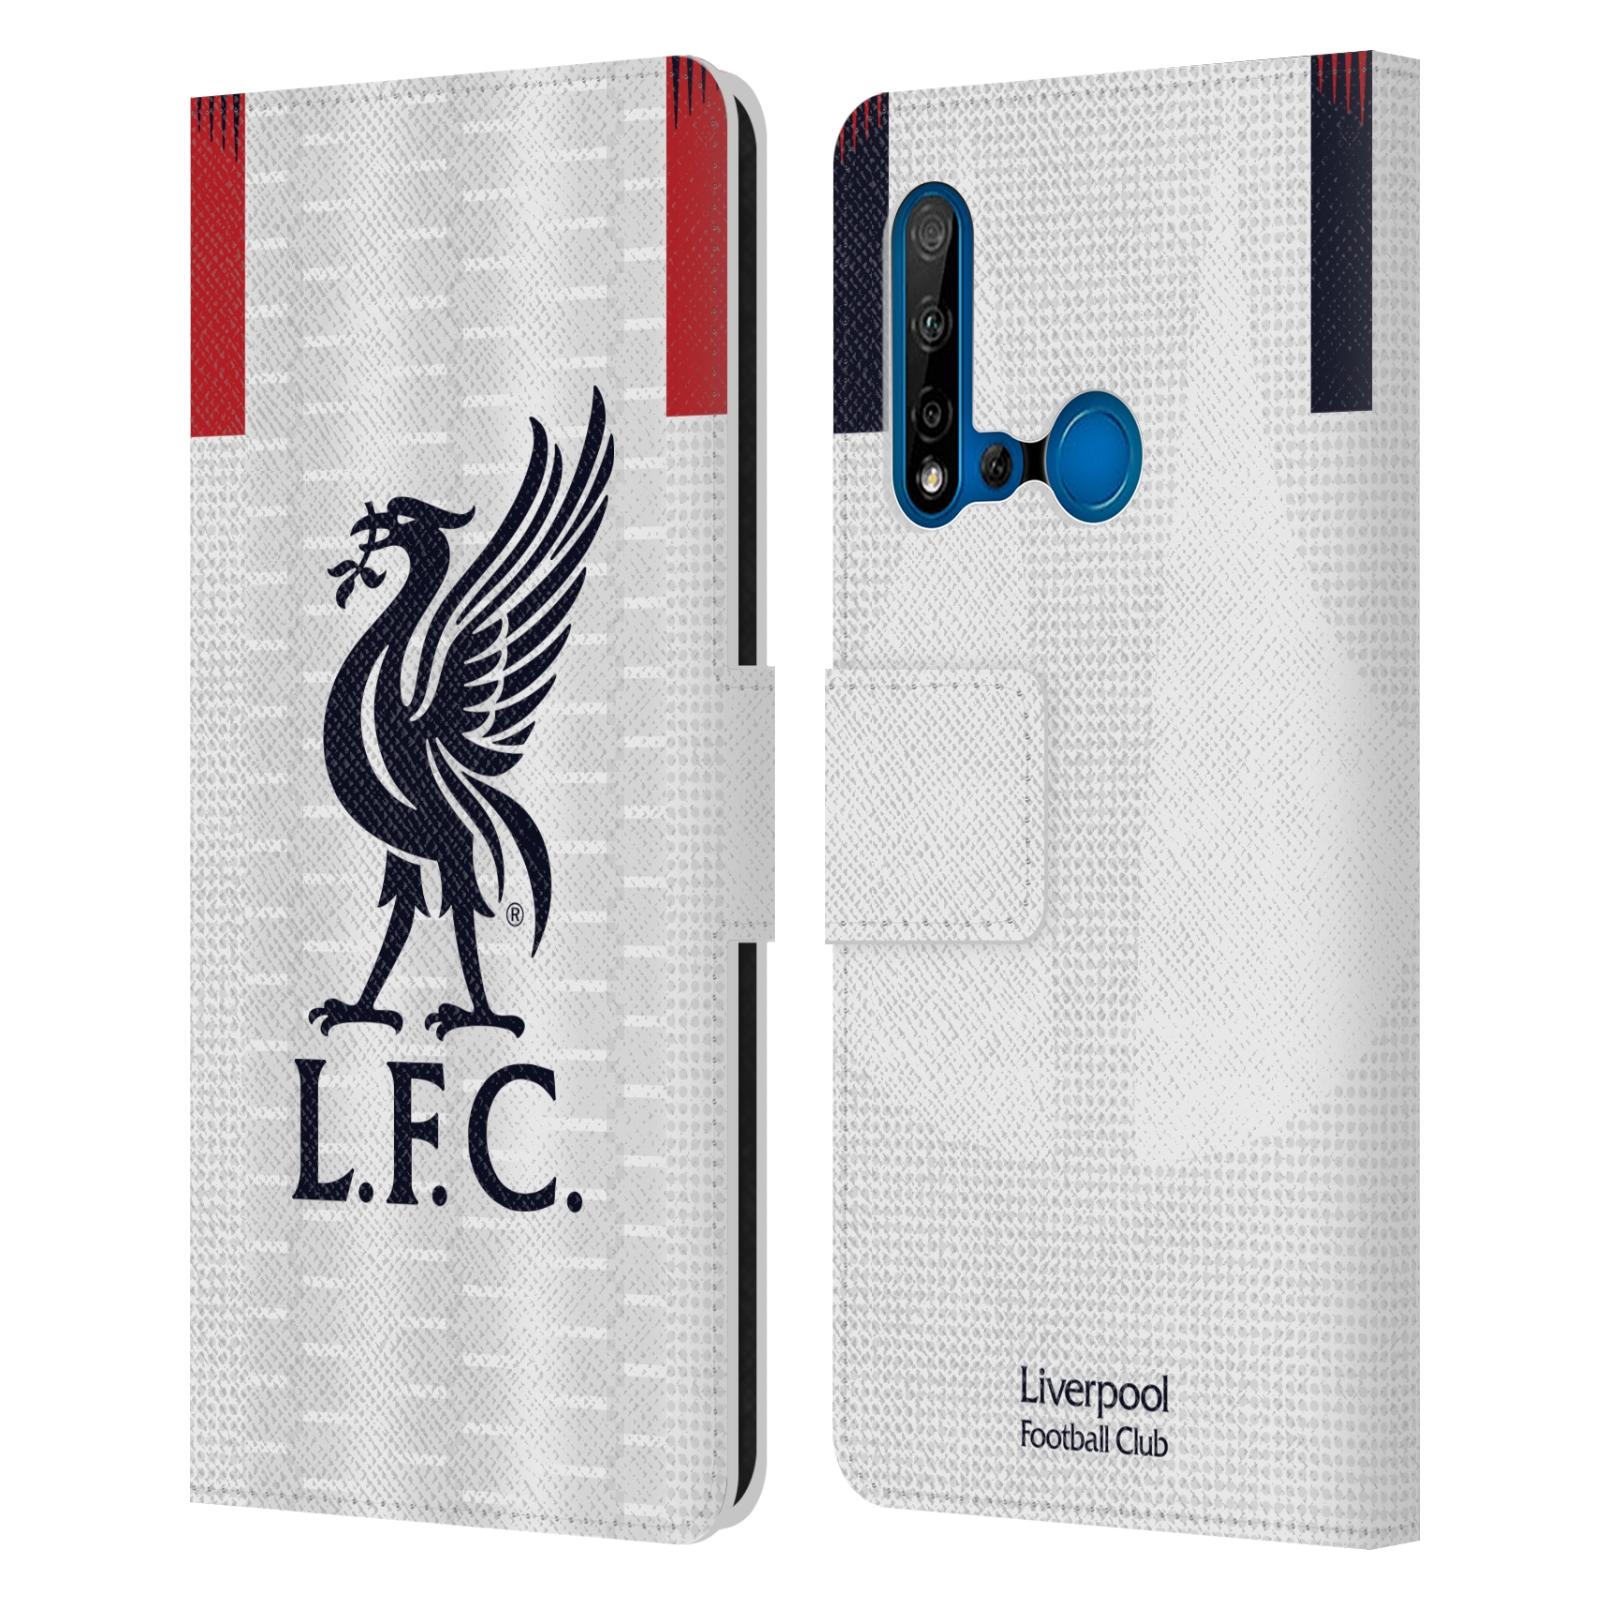 Pouzdro na mobil Huawei P20 LITE 2019 - Head Case - fotbalový klub liverpool bílý dres